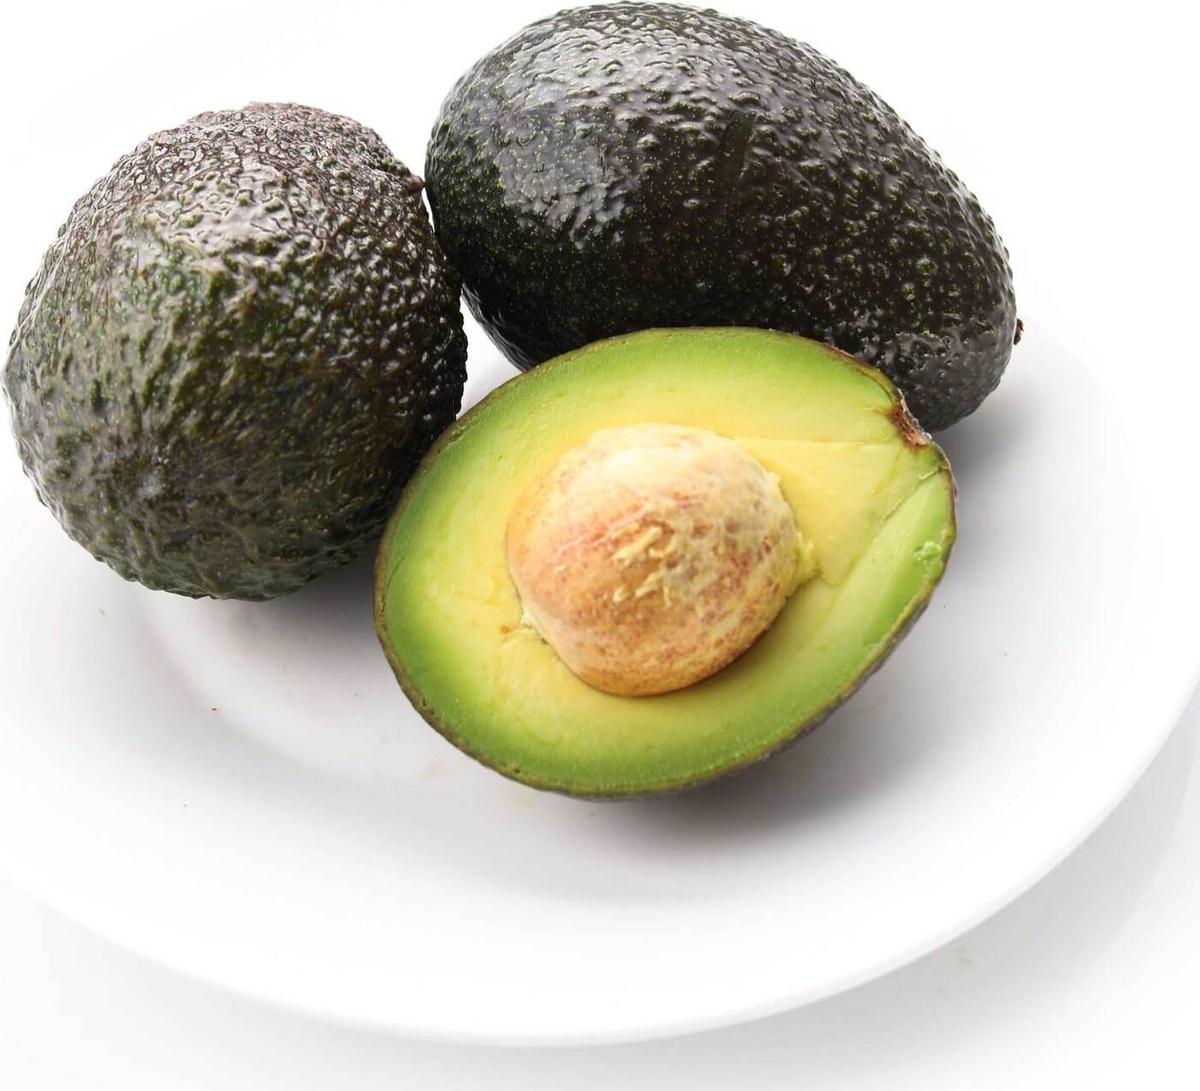 Авокадо хаас: описание сорта и применение, чем отличается от обычного